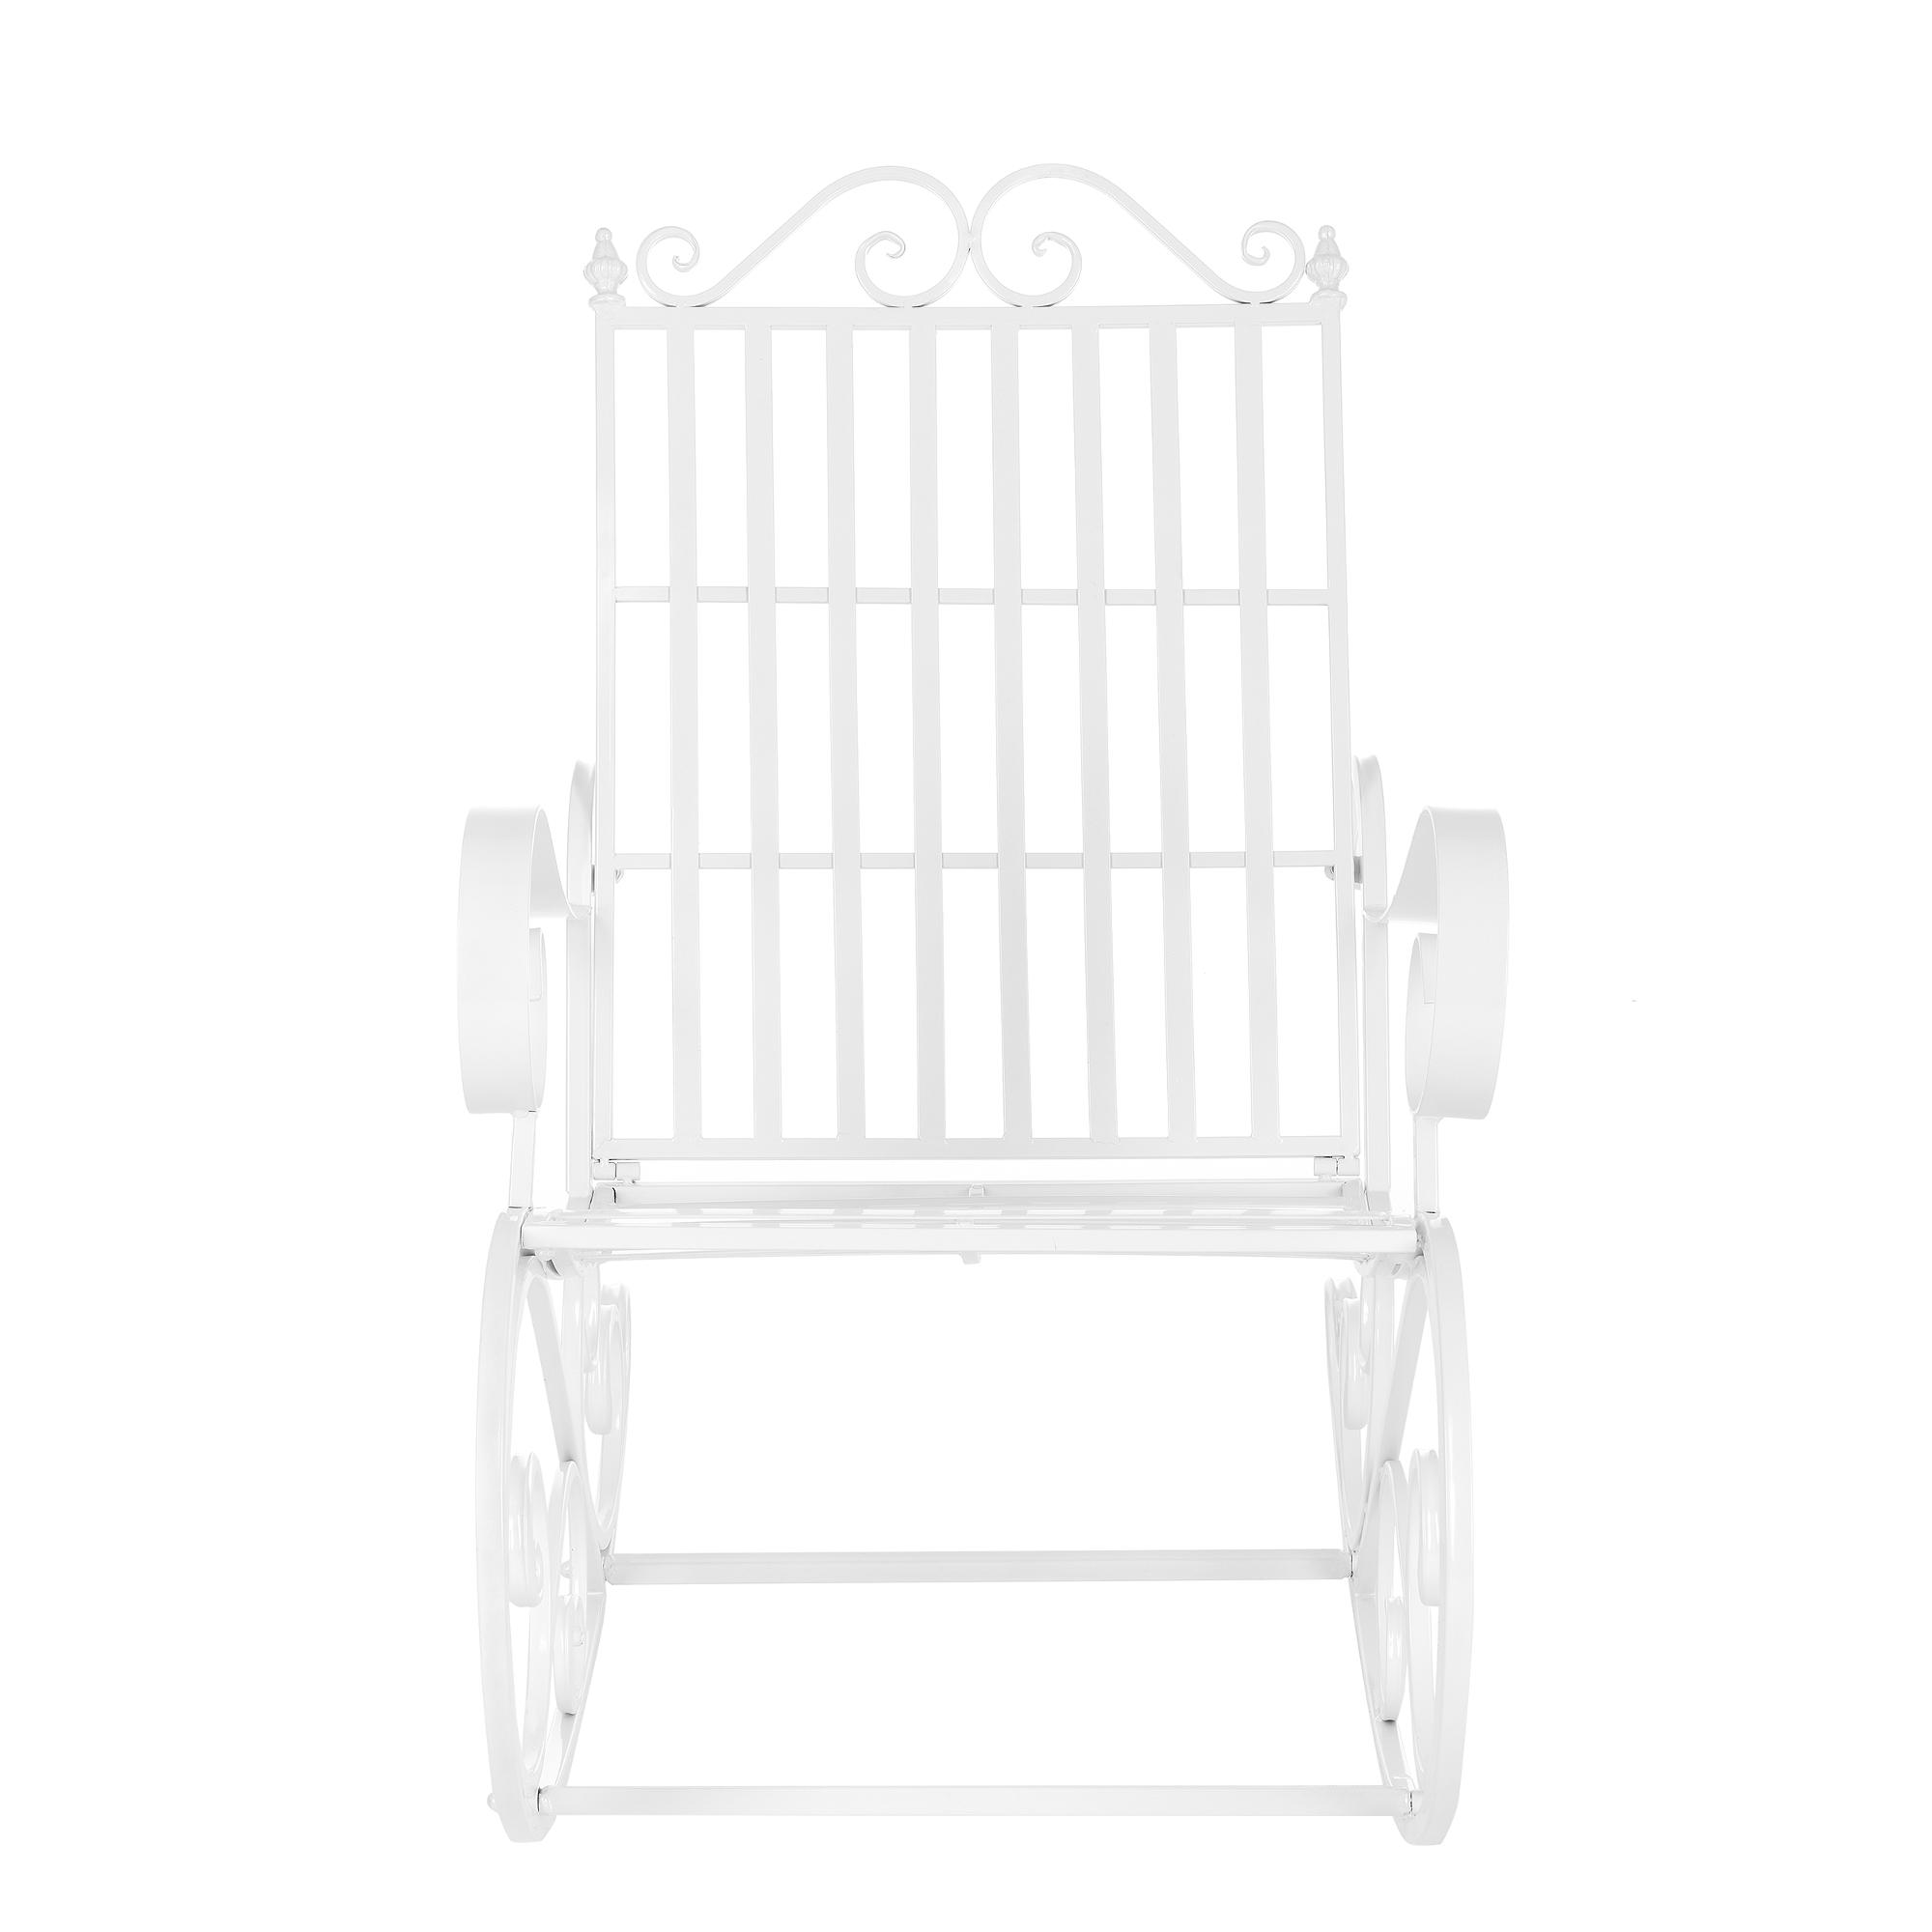 Sedia a dondolo ferro sedia da giardino metallo bianco antico dondolo ebay - Sedia a dondolo da giardino ...